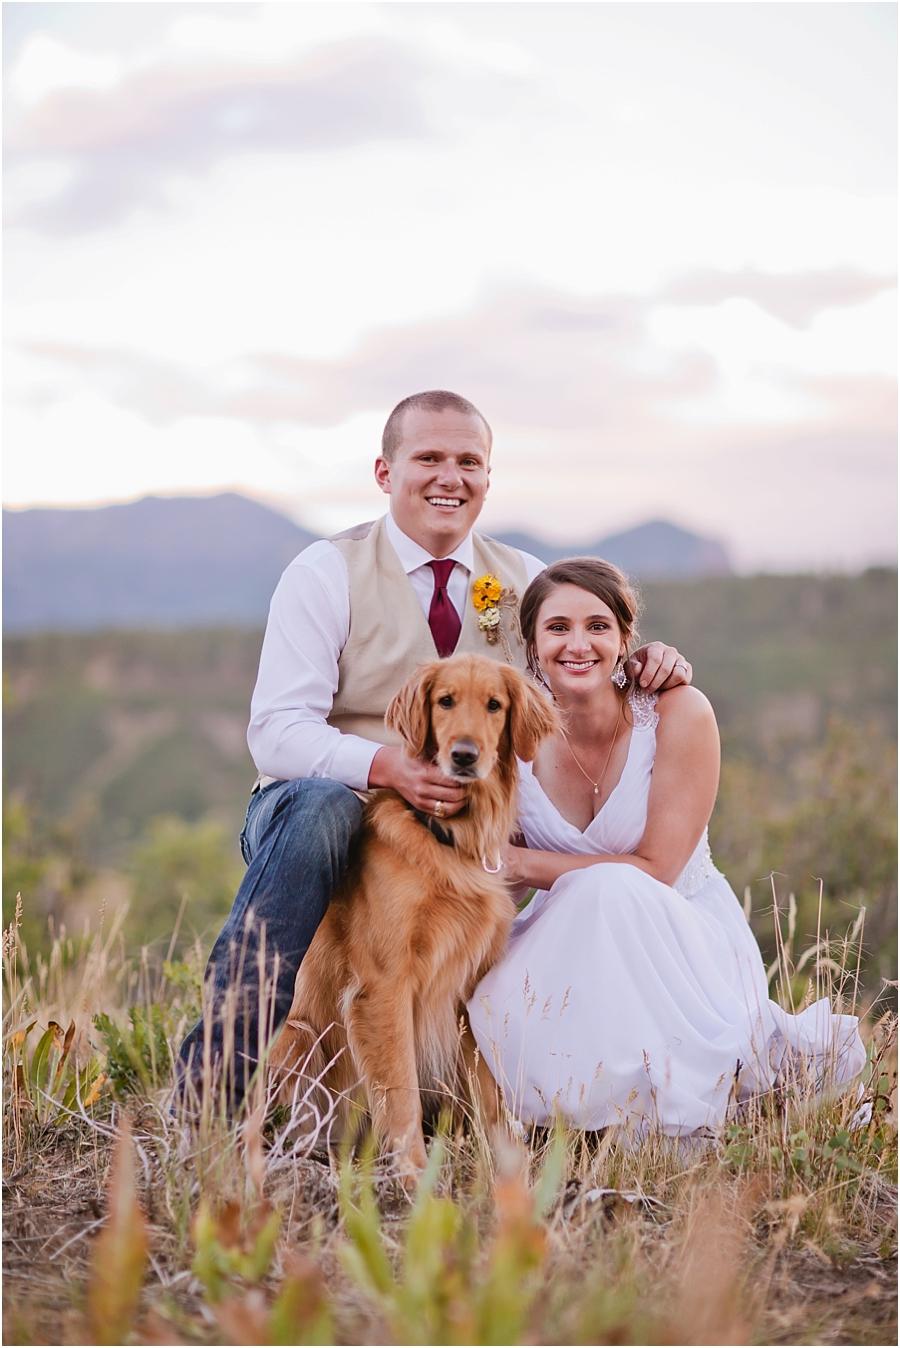 durango-dog-friendly-wedding.jpg